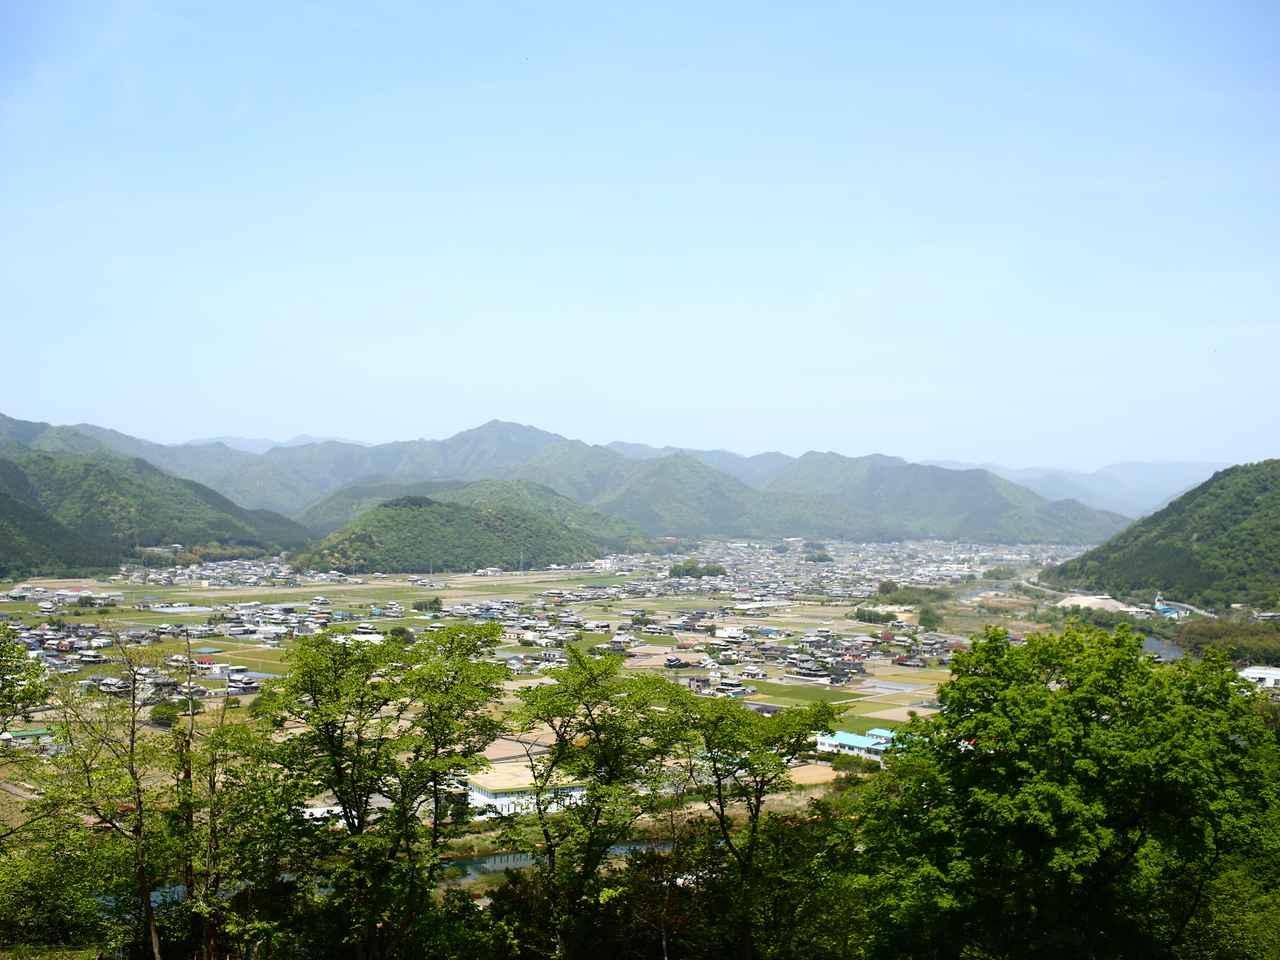 画像: 国産アイアン発祥の地・兵庫県市川町には、今も鍛造製法にこだわる職人さんが工房を構えています